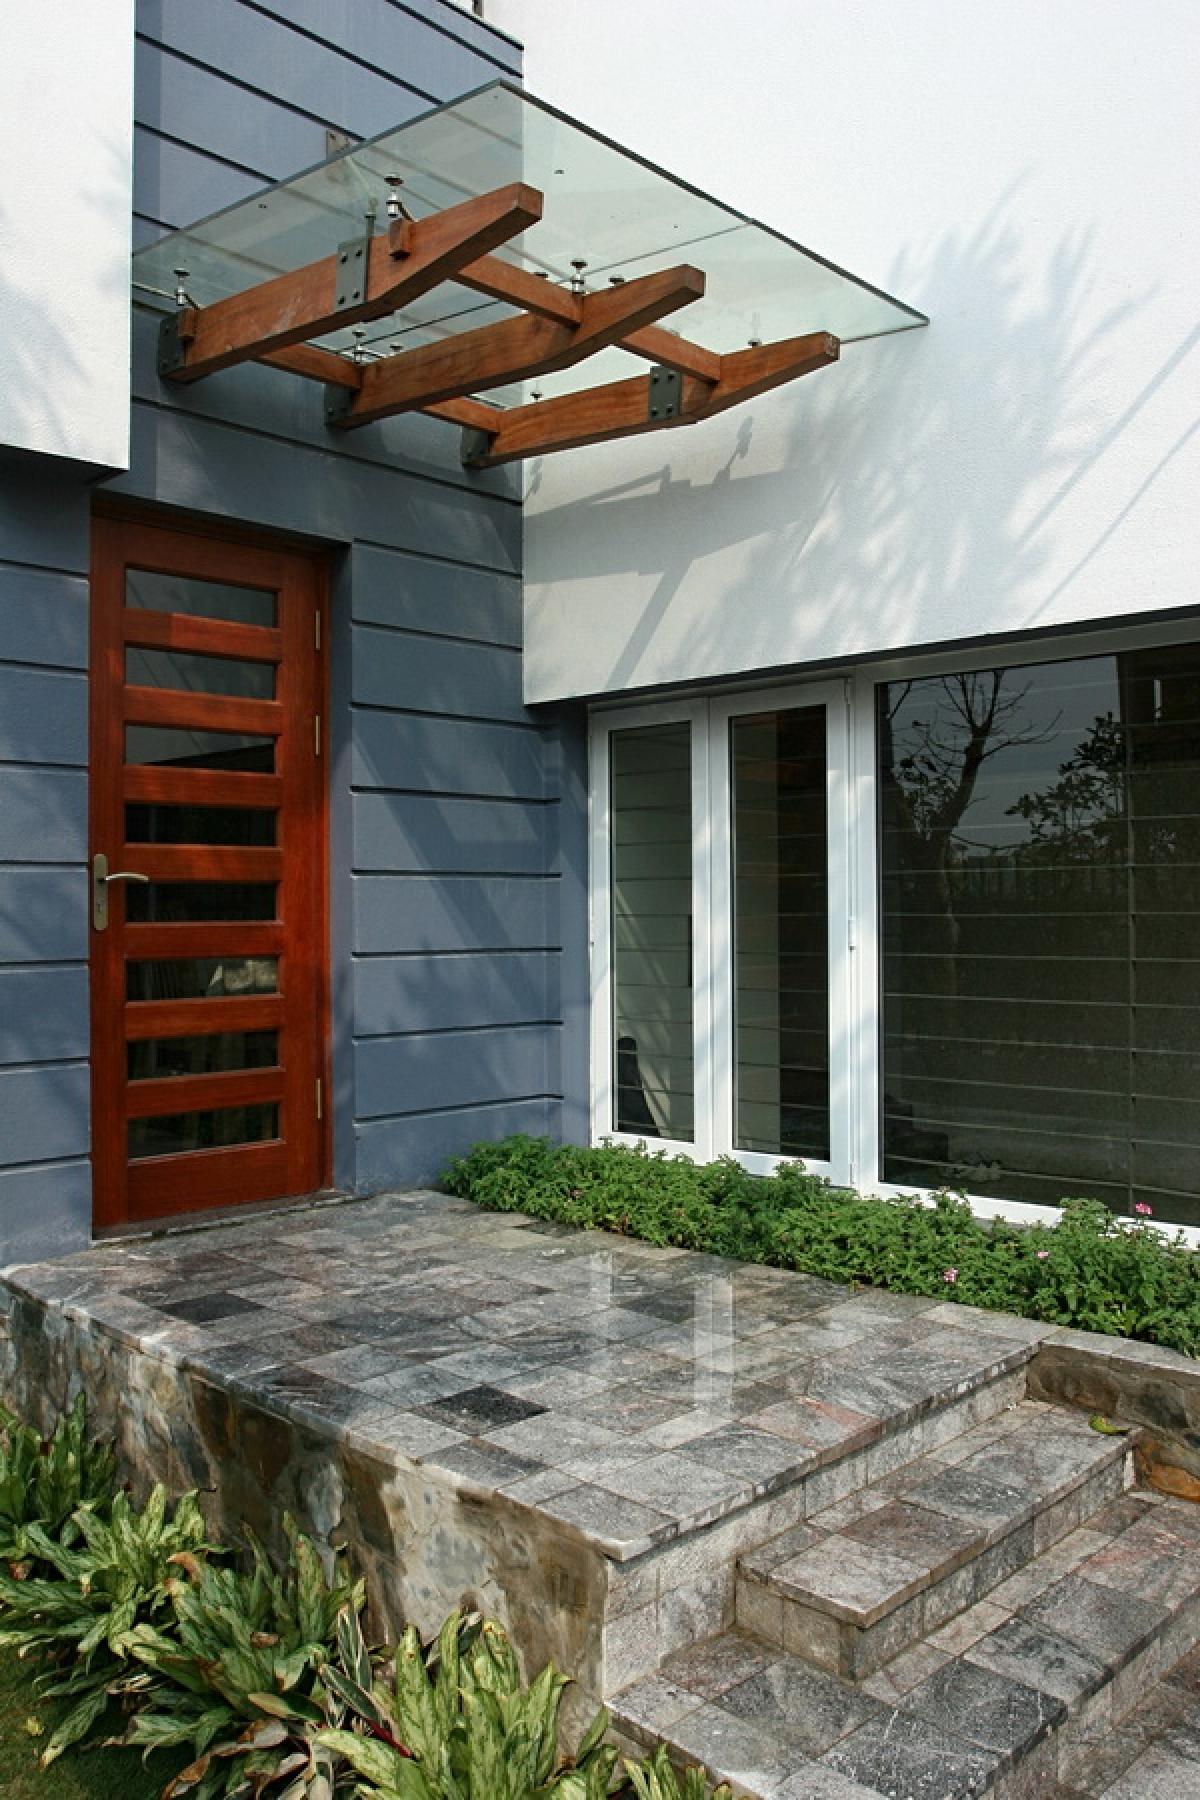 Trong điều kiện có thể, cần thiết mở cửa thoát hiểm ở đằng sau hay bên hông nhà.